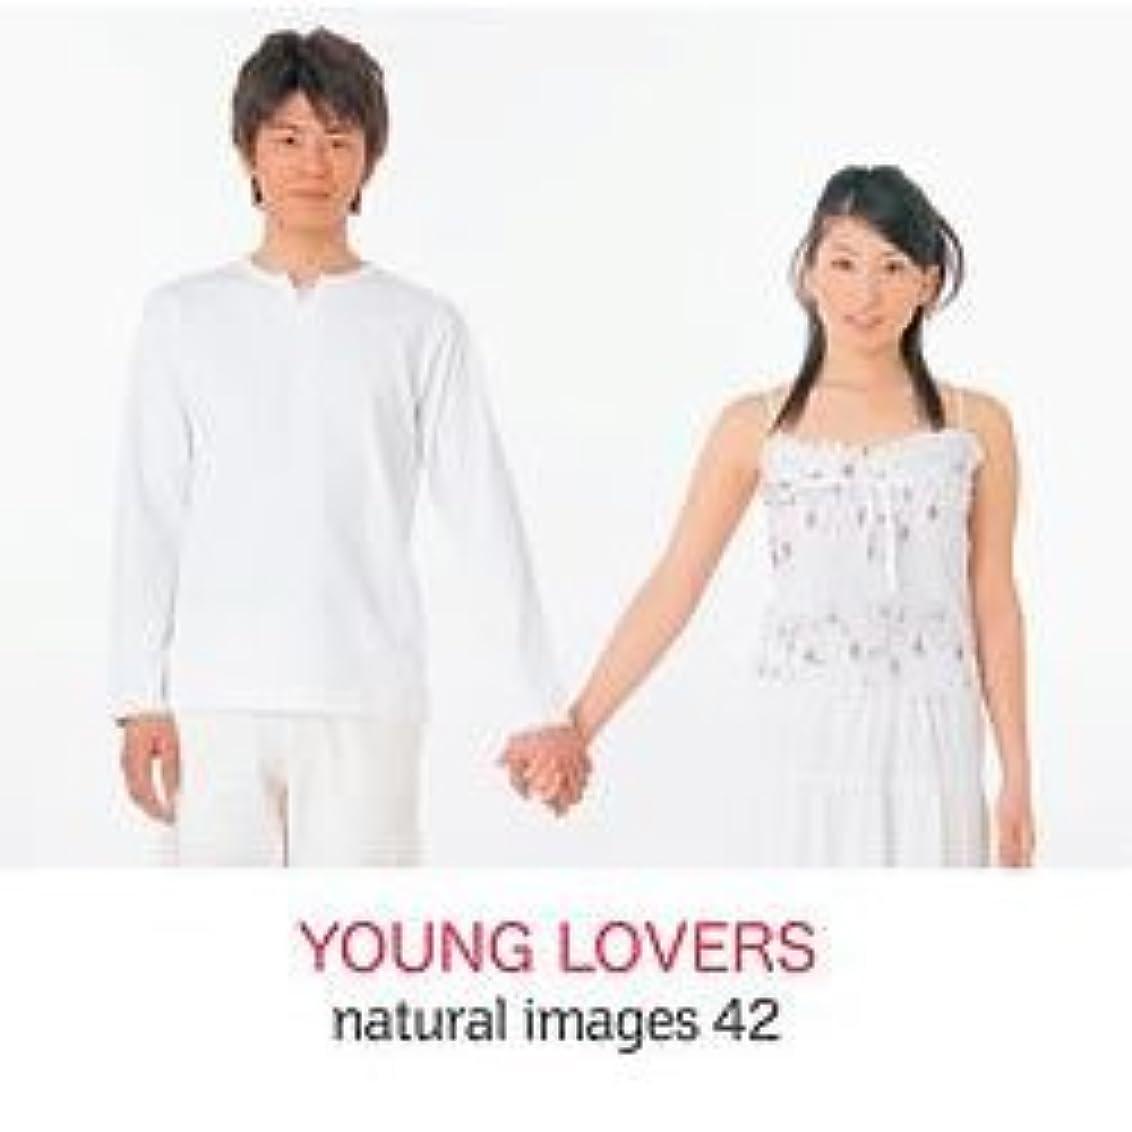 製造間違い割り当てるnatural images Vol.42 YOUNG LOVERS